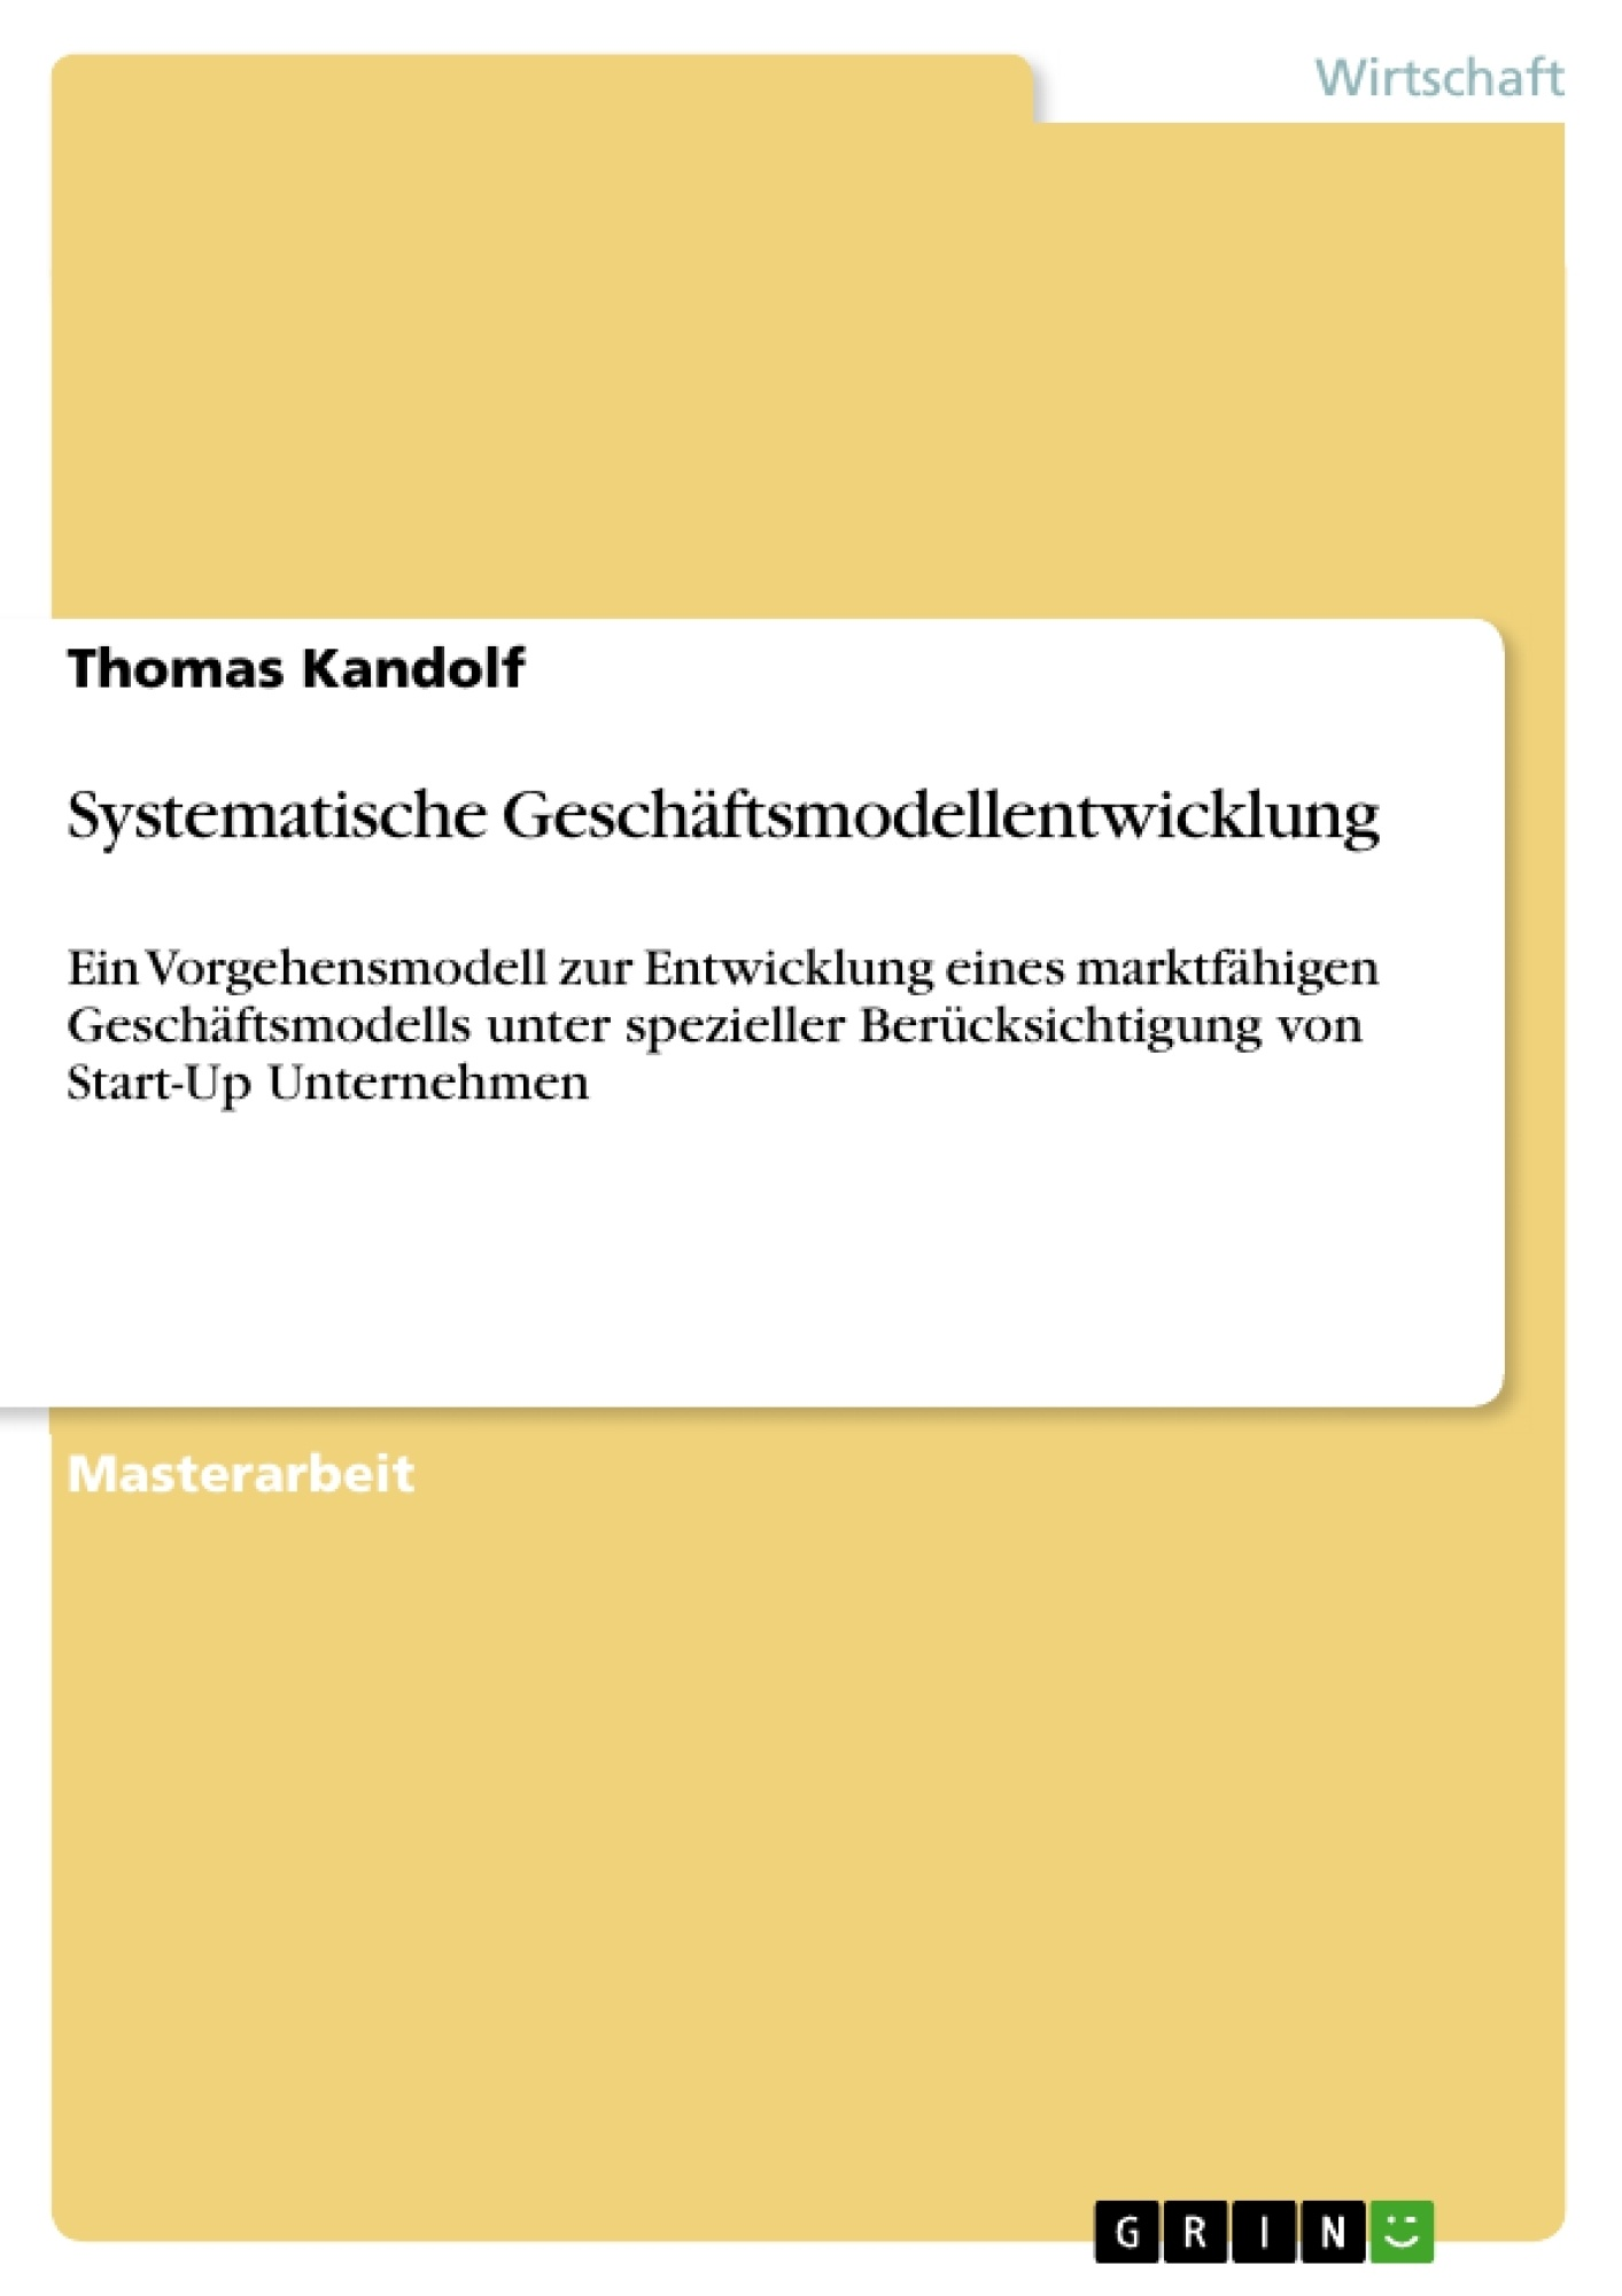 Titel: Systematische Geschäftsmodellentwicklung